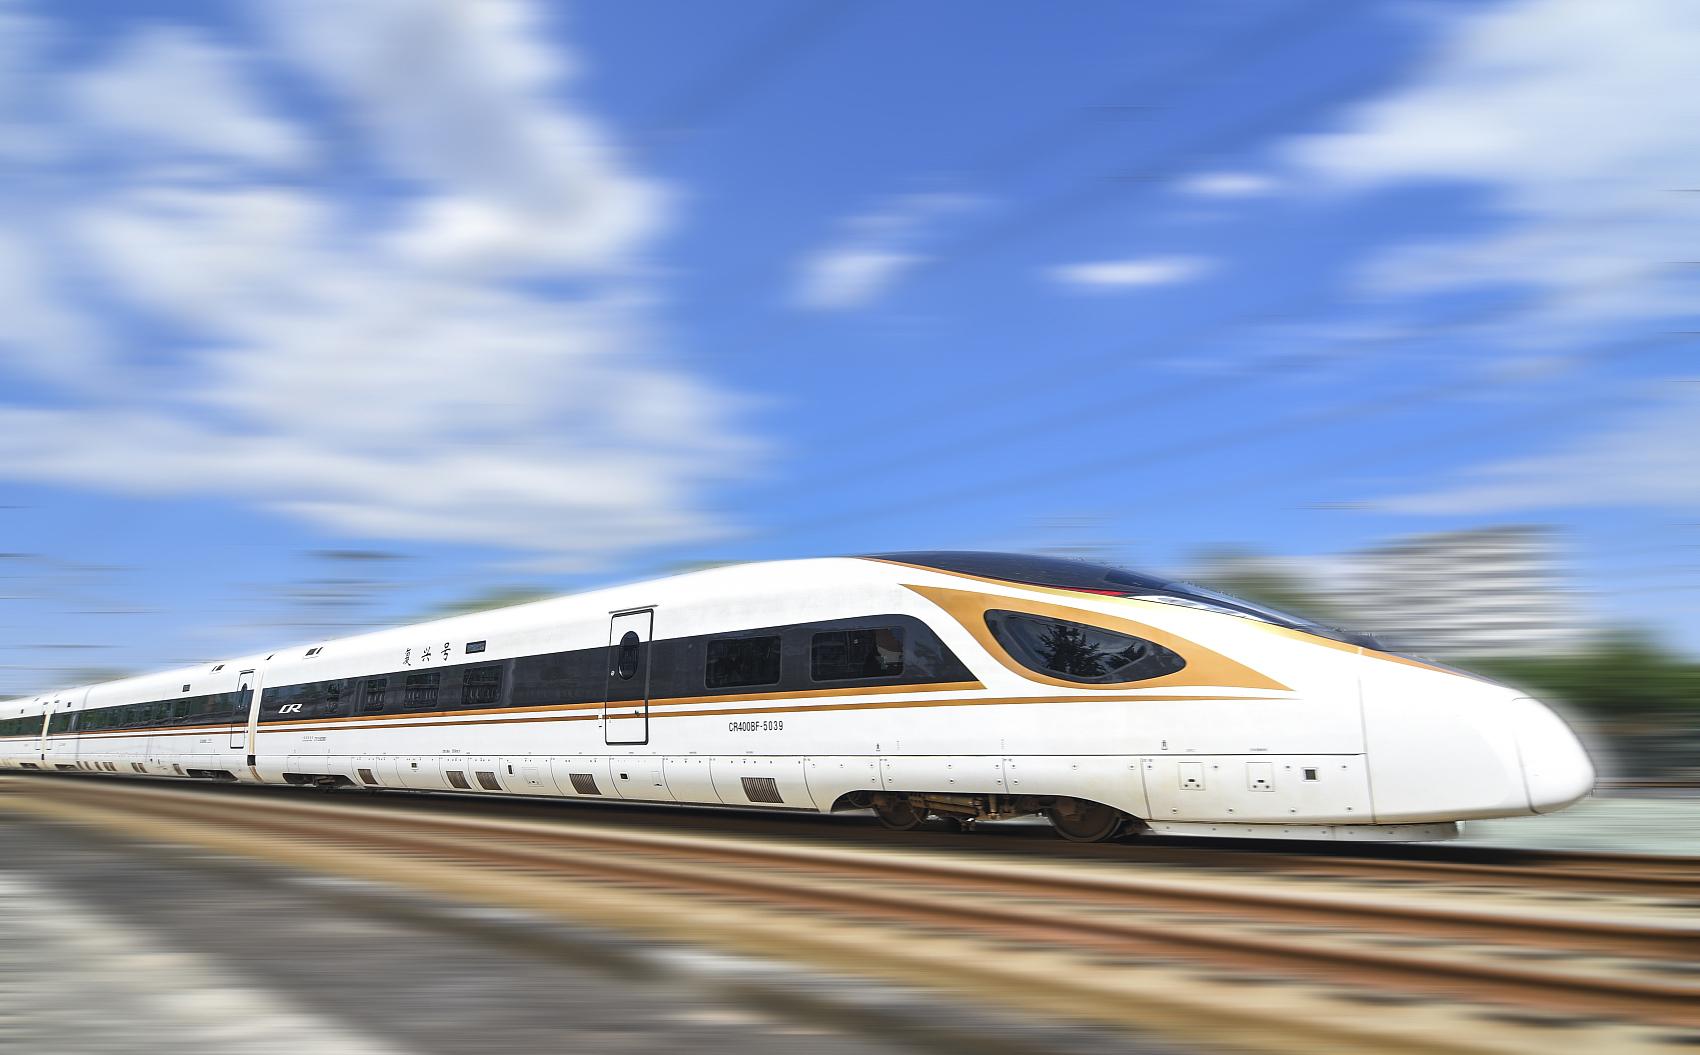 京沪高铁IPO:从北京到上海,4小时18分;从受理到过会,23天